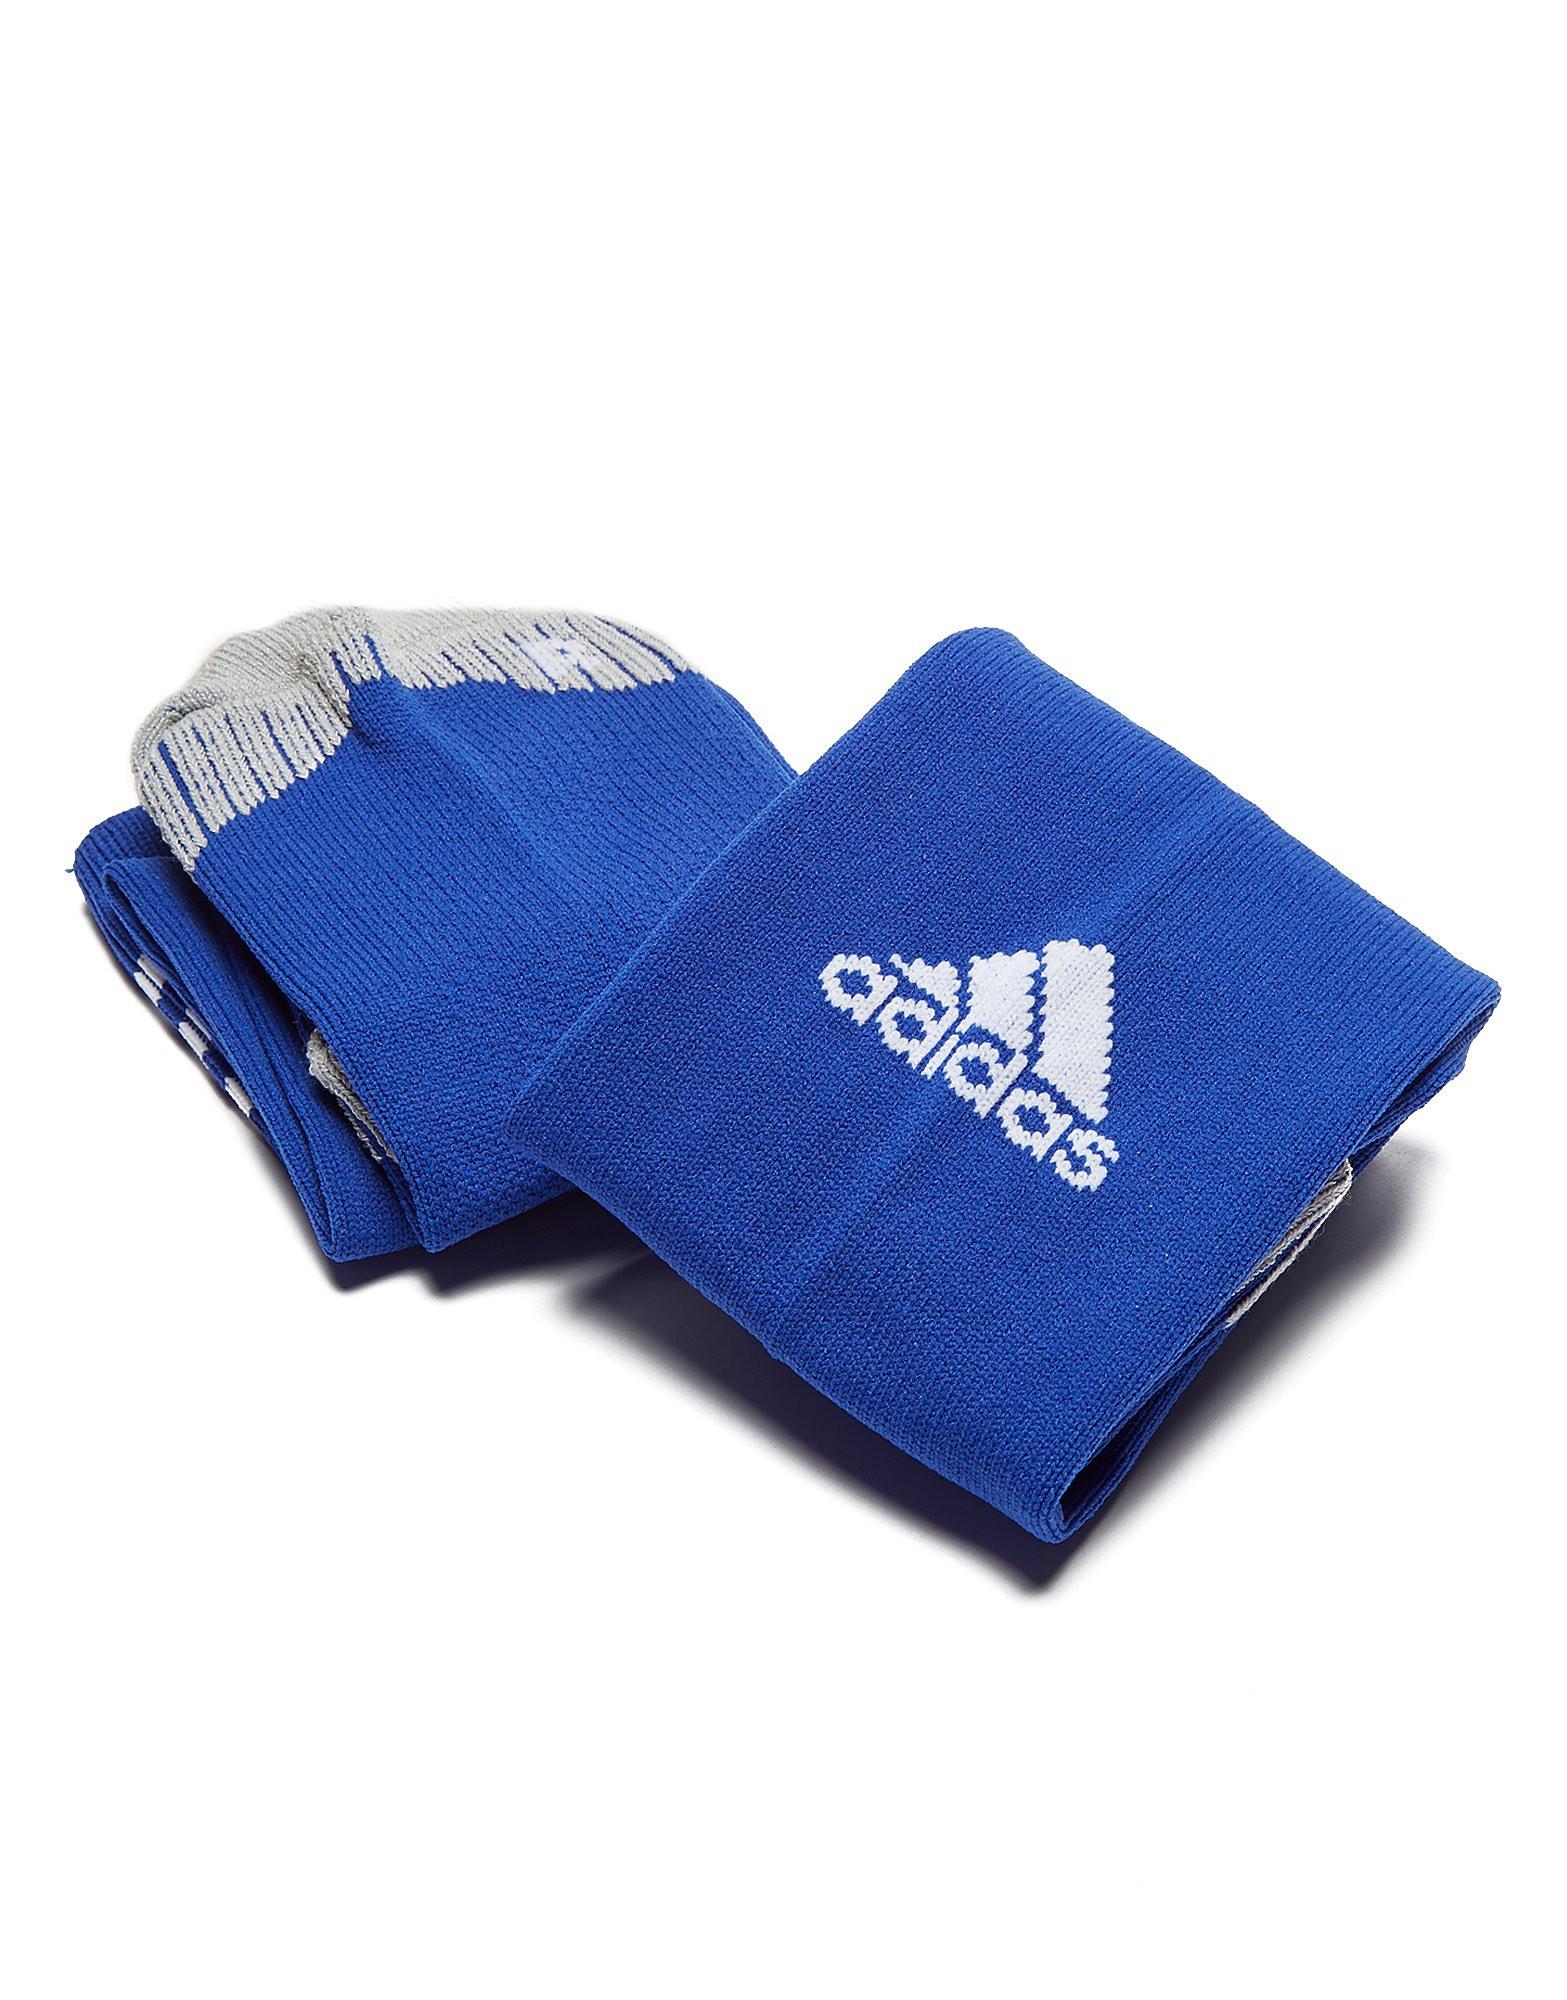 adidas FA Wales Away 2016 Goalkeeper Socks